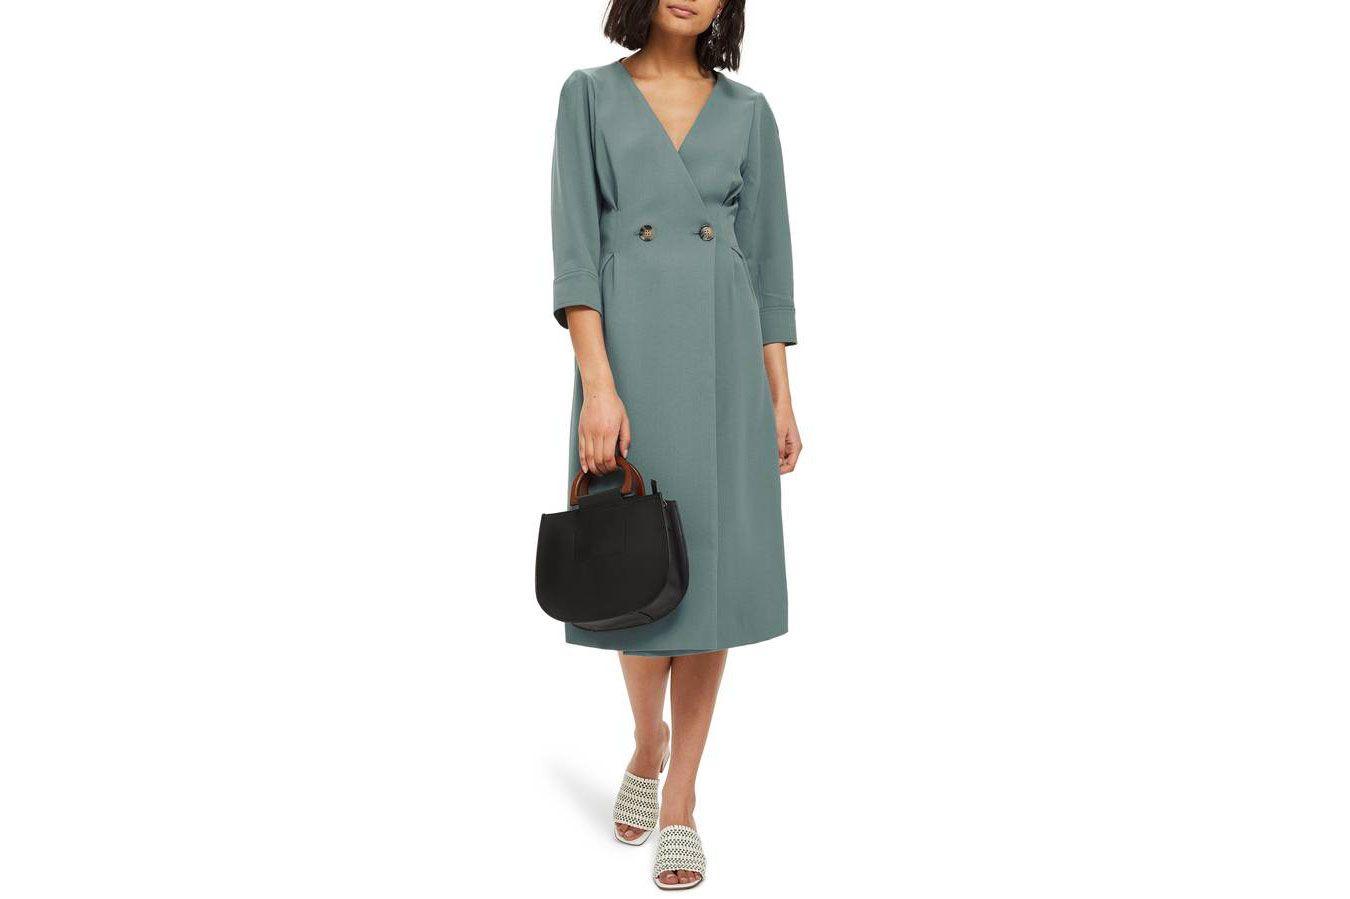 Topshop Wrap Midi Dress